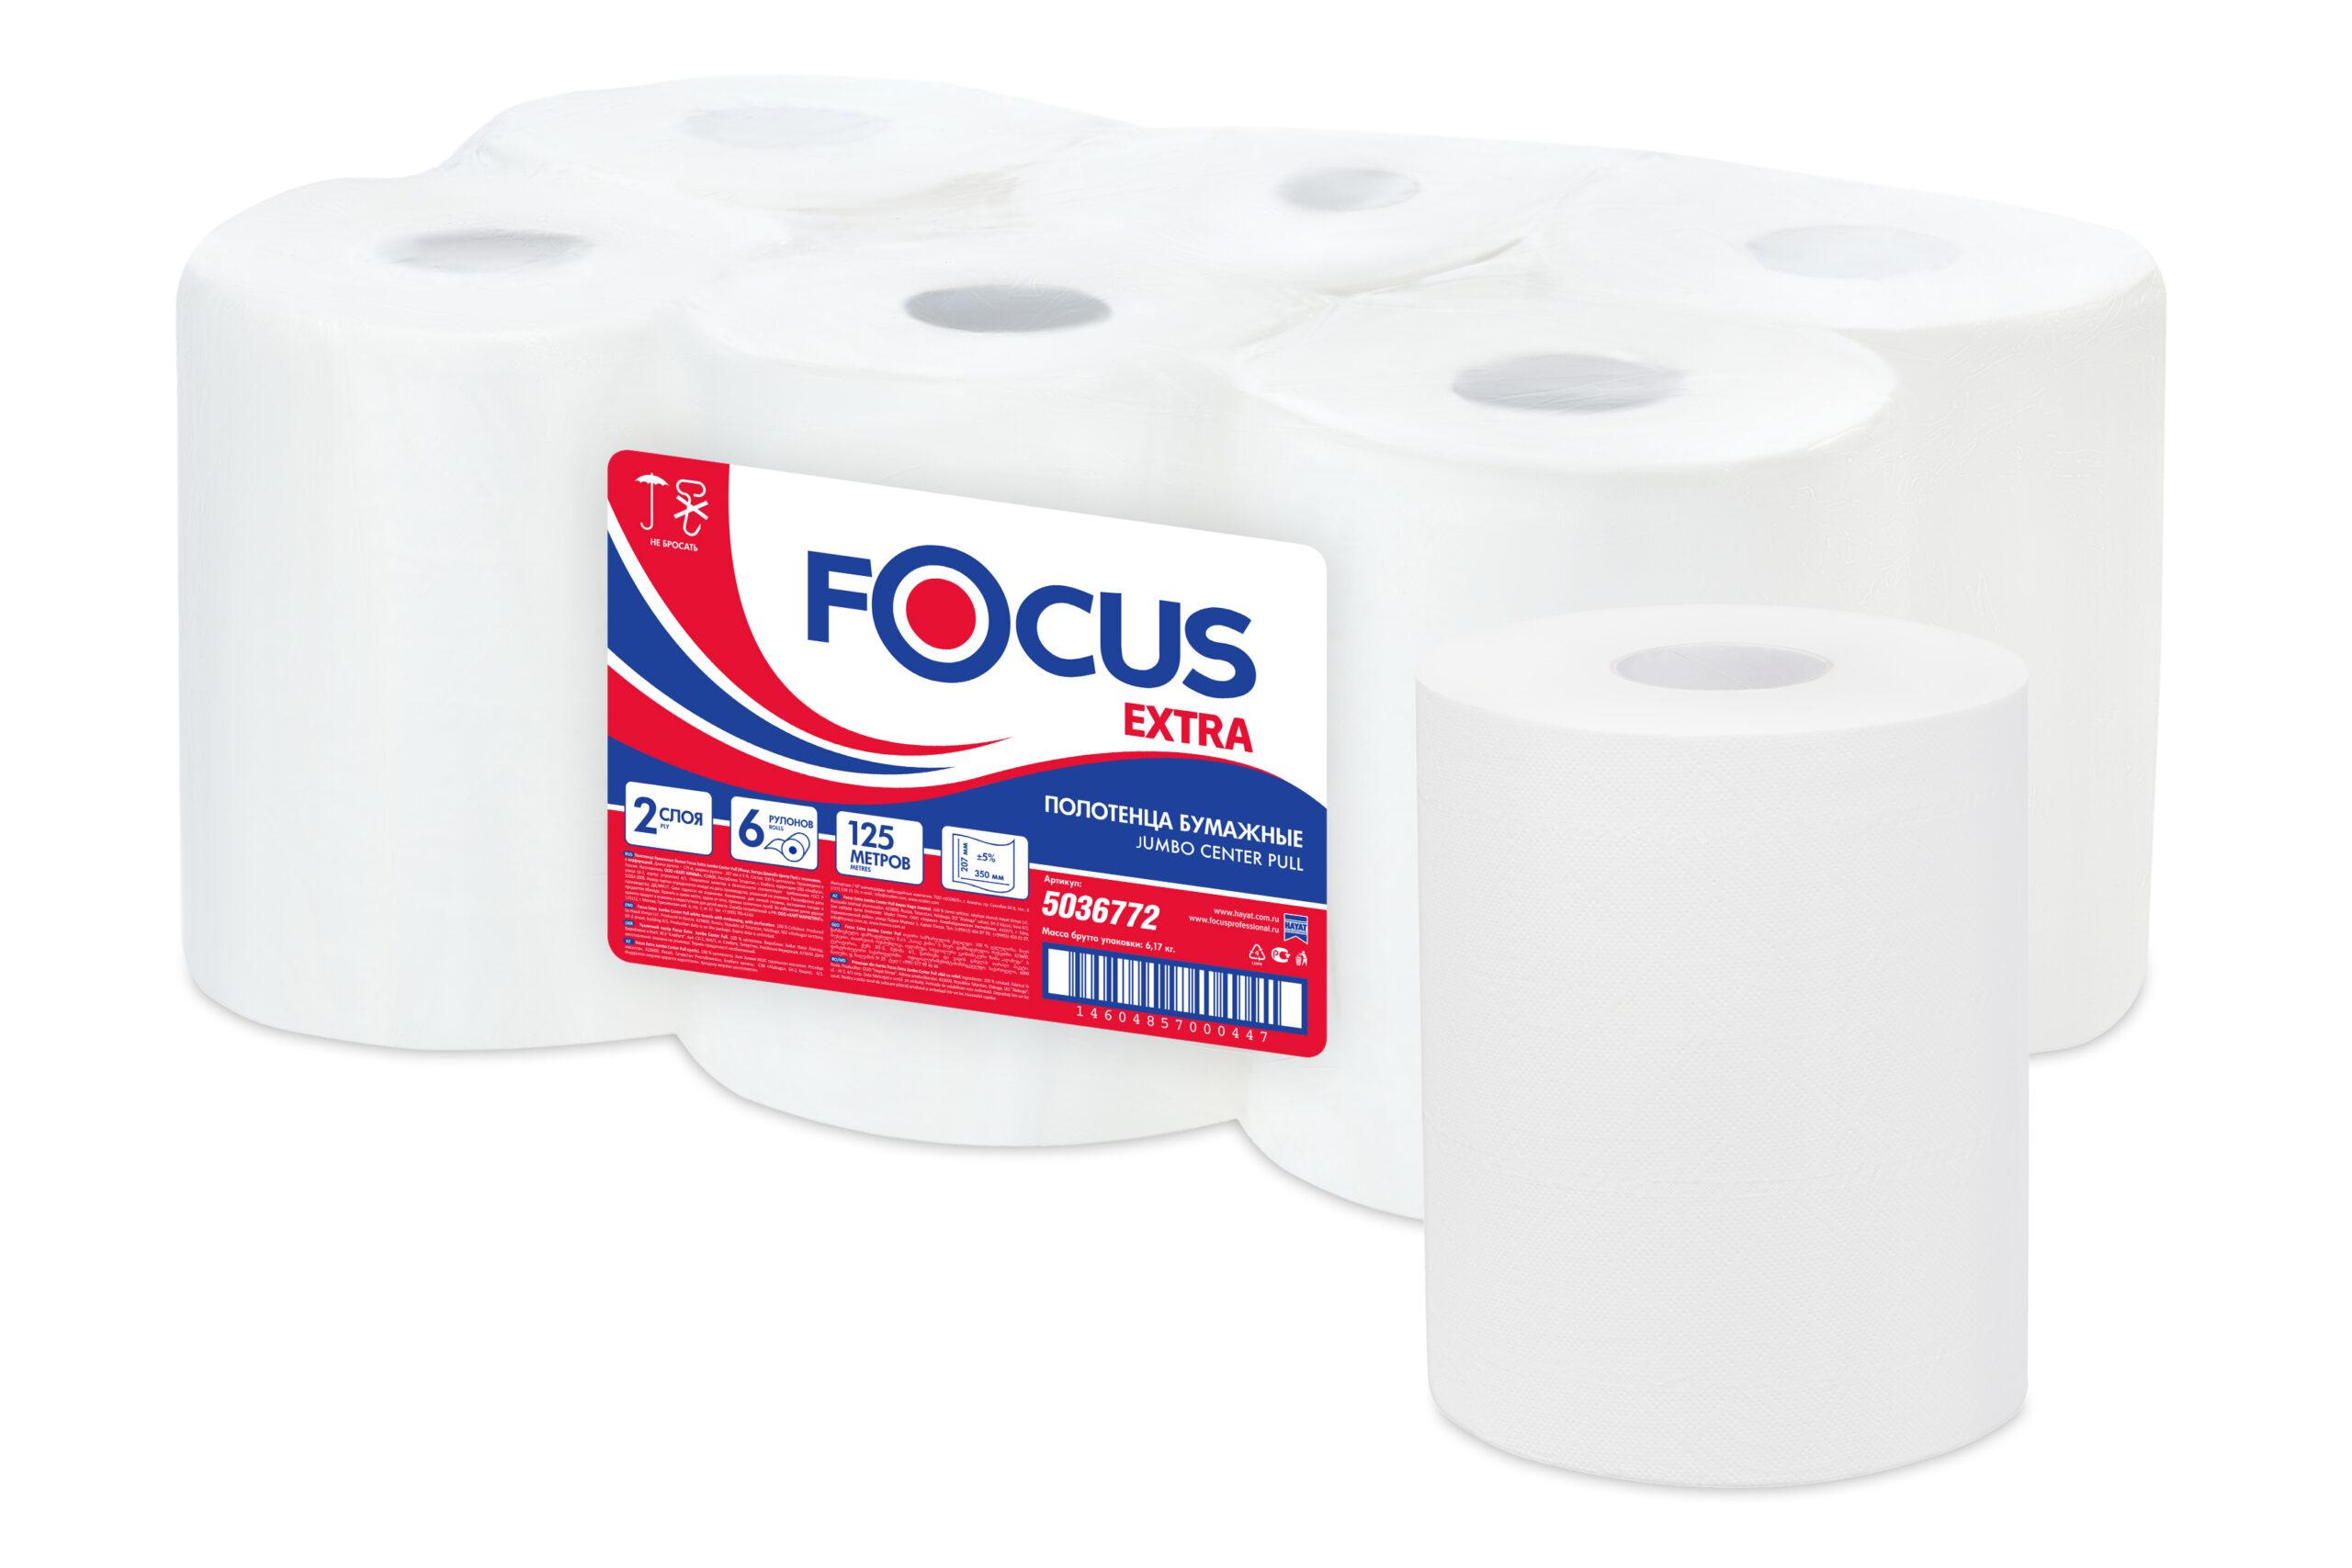 5036772 Полотенце бумажное 2сл 125м Focus Jumbo c центральной вытяжкой (уп.6шт)